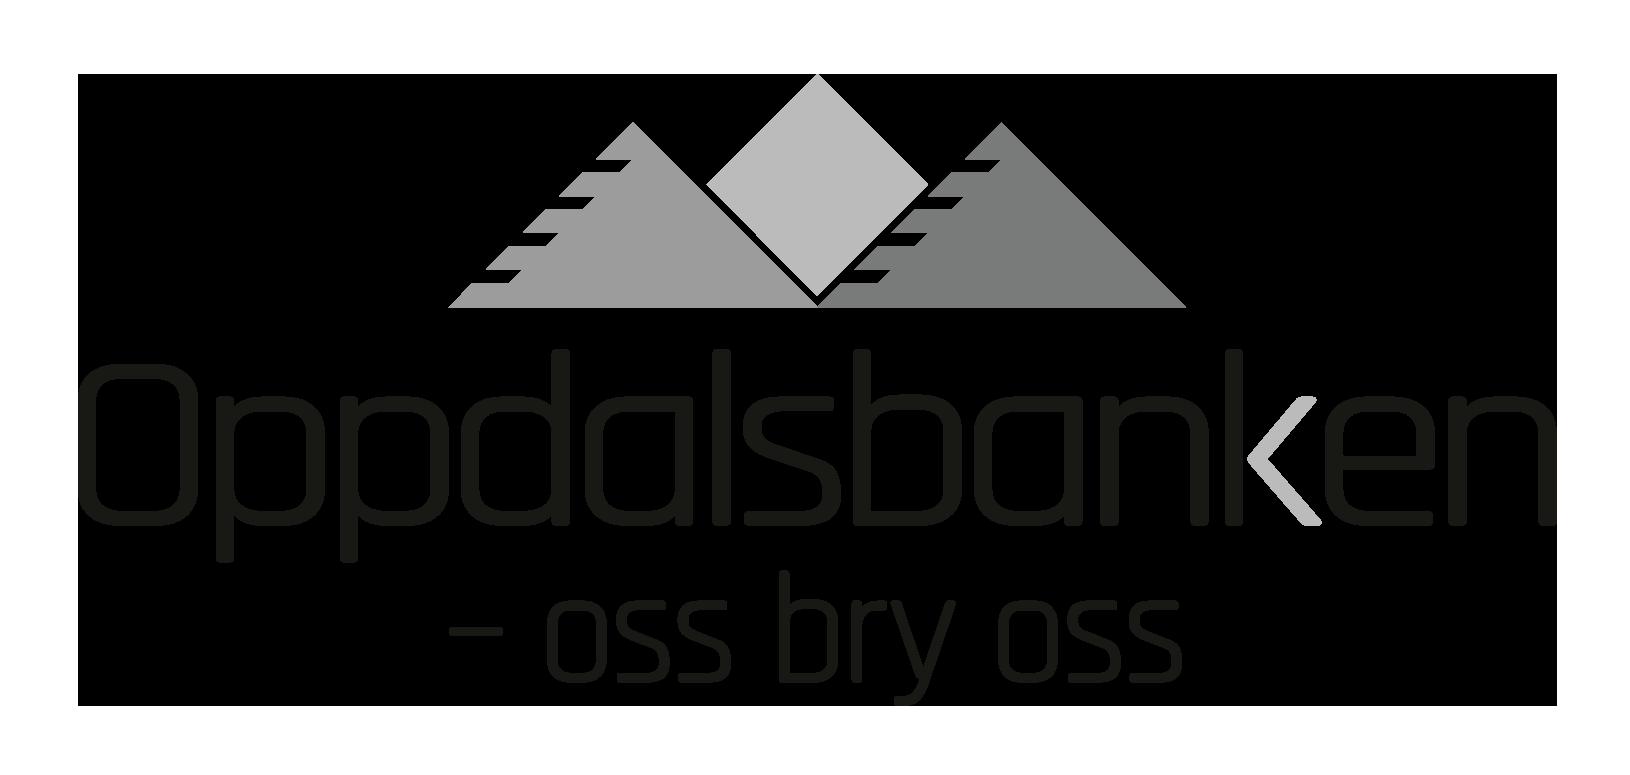 Oppdalsbanken-oss-bry-oss-Sort